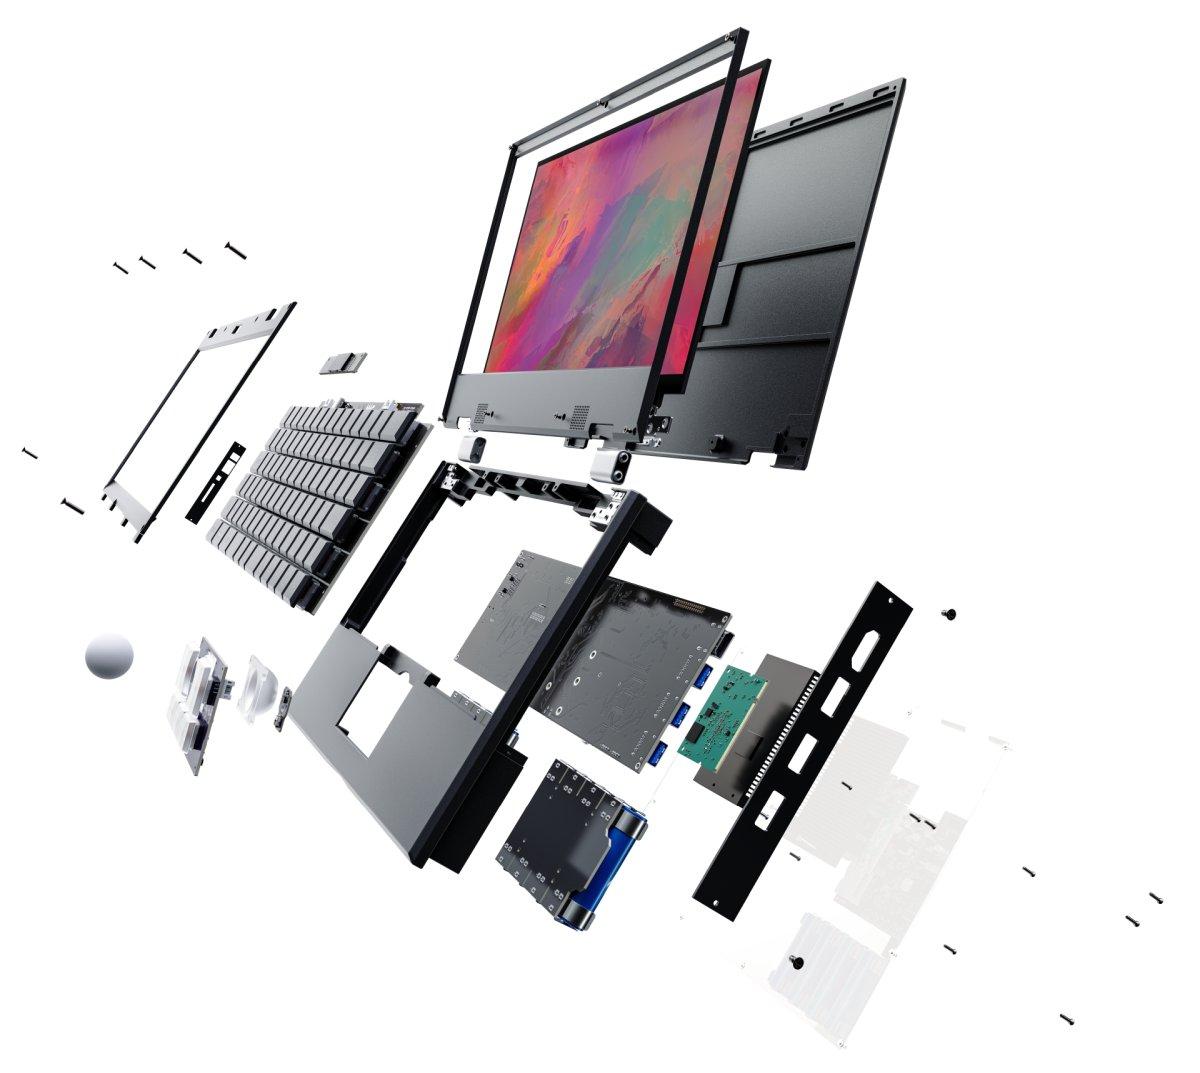 Модульный открытый «ноутбук для параноиков» начали рассылать заказчикам - 2